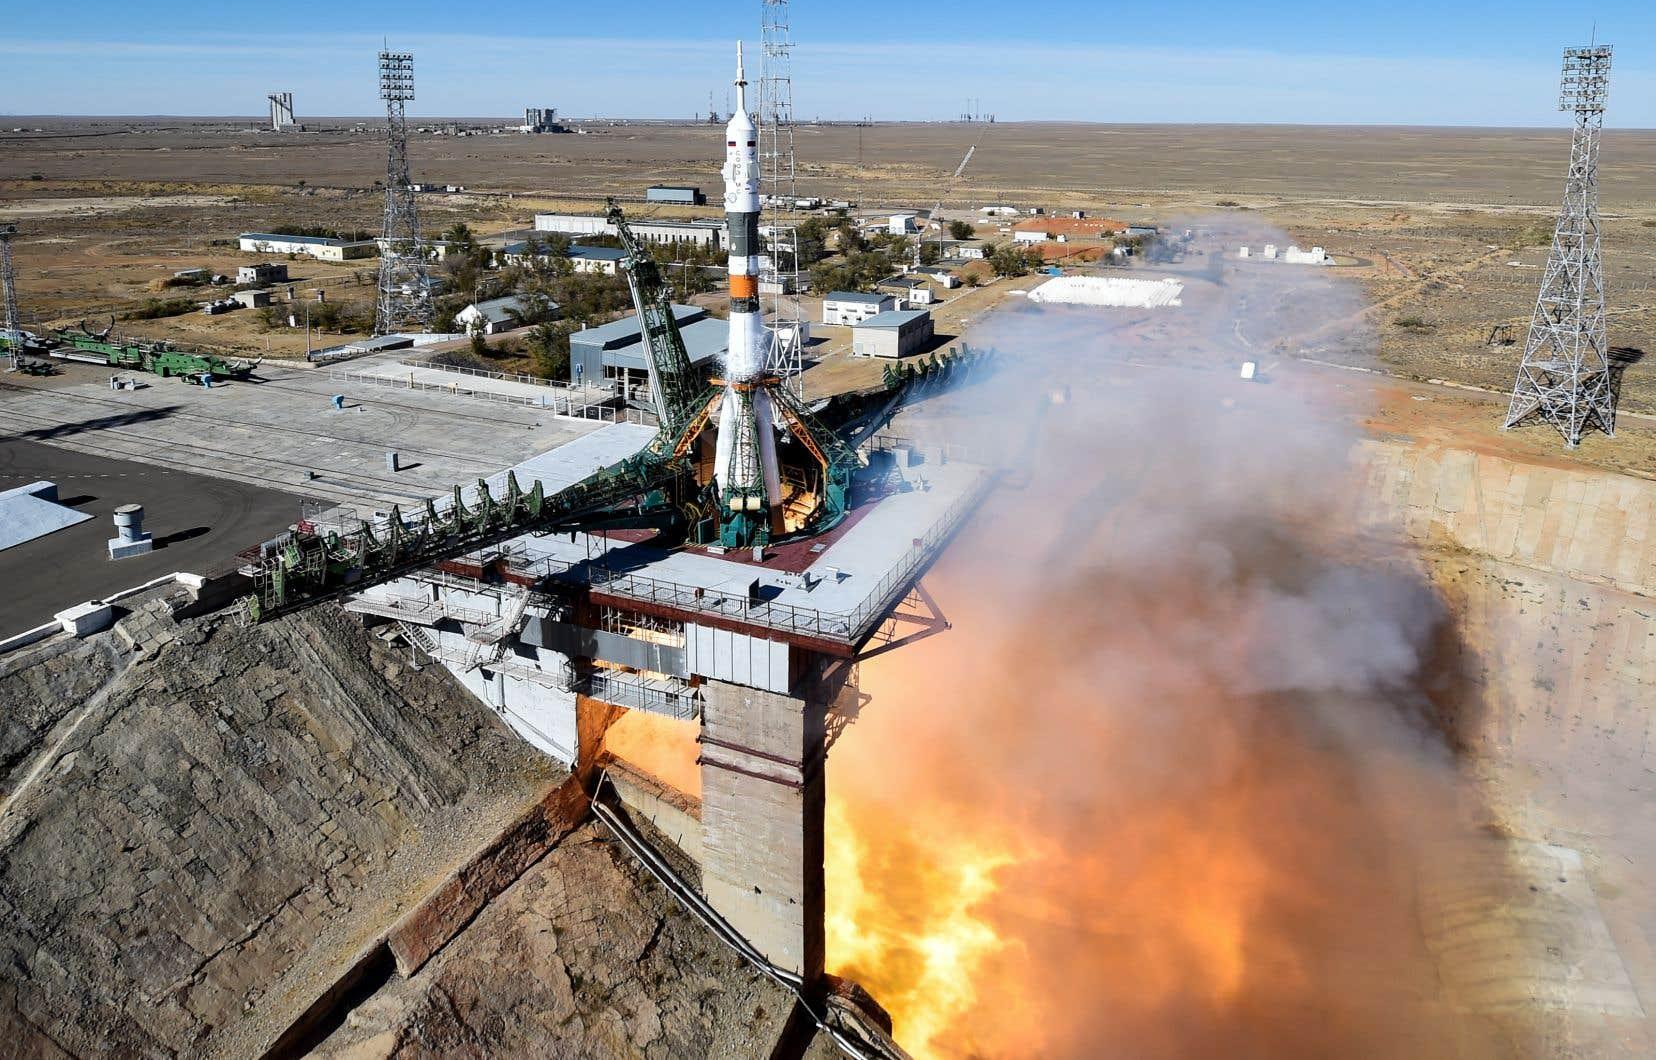 La fusée Soyouz devait transporter le cosmonaute russe Alexeï Ovtchinine et l'astronaute américain Nick Hague jusqu'à la Station spatiale internationale (SSI).